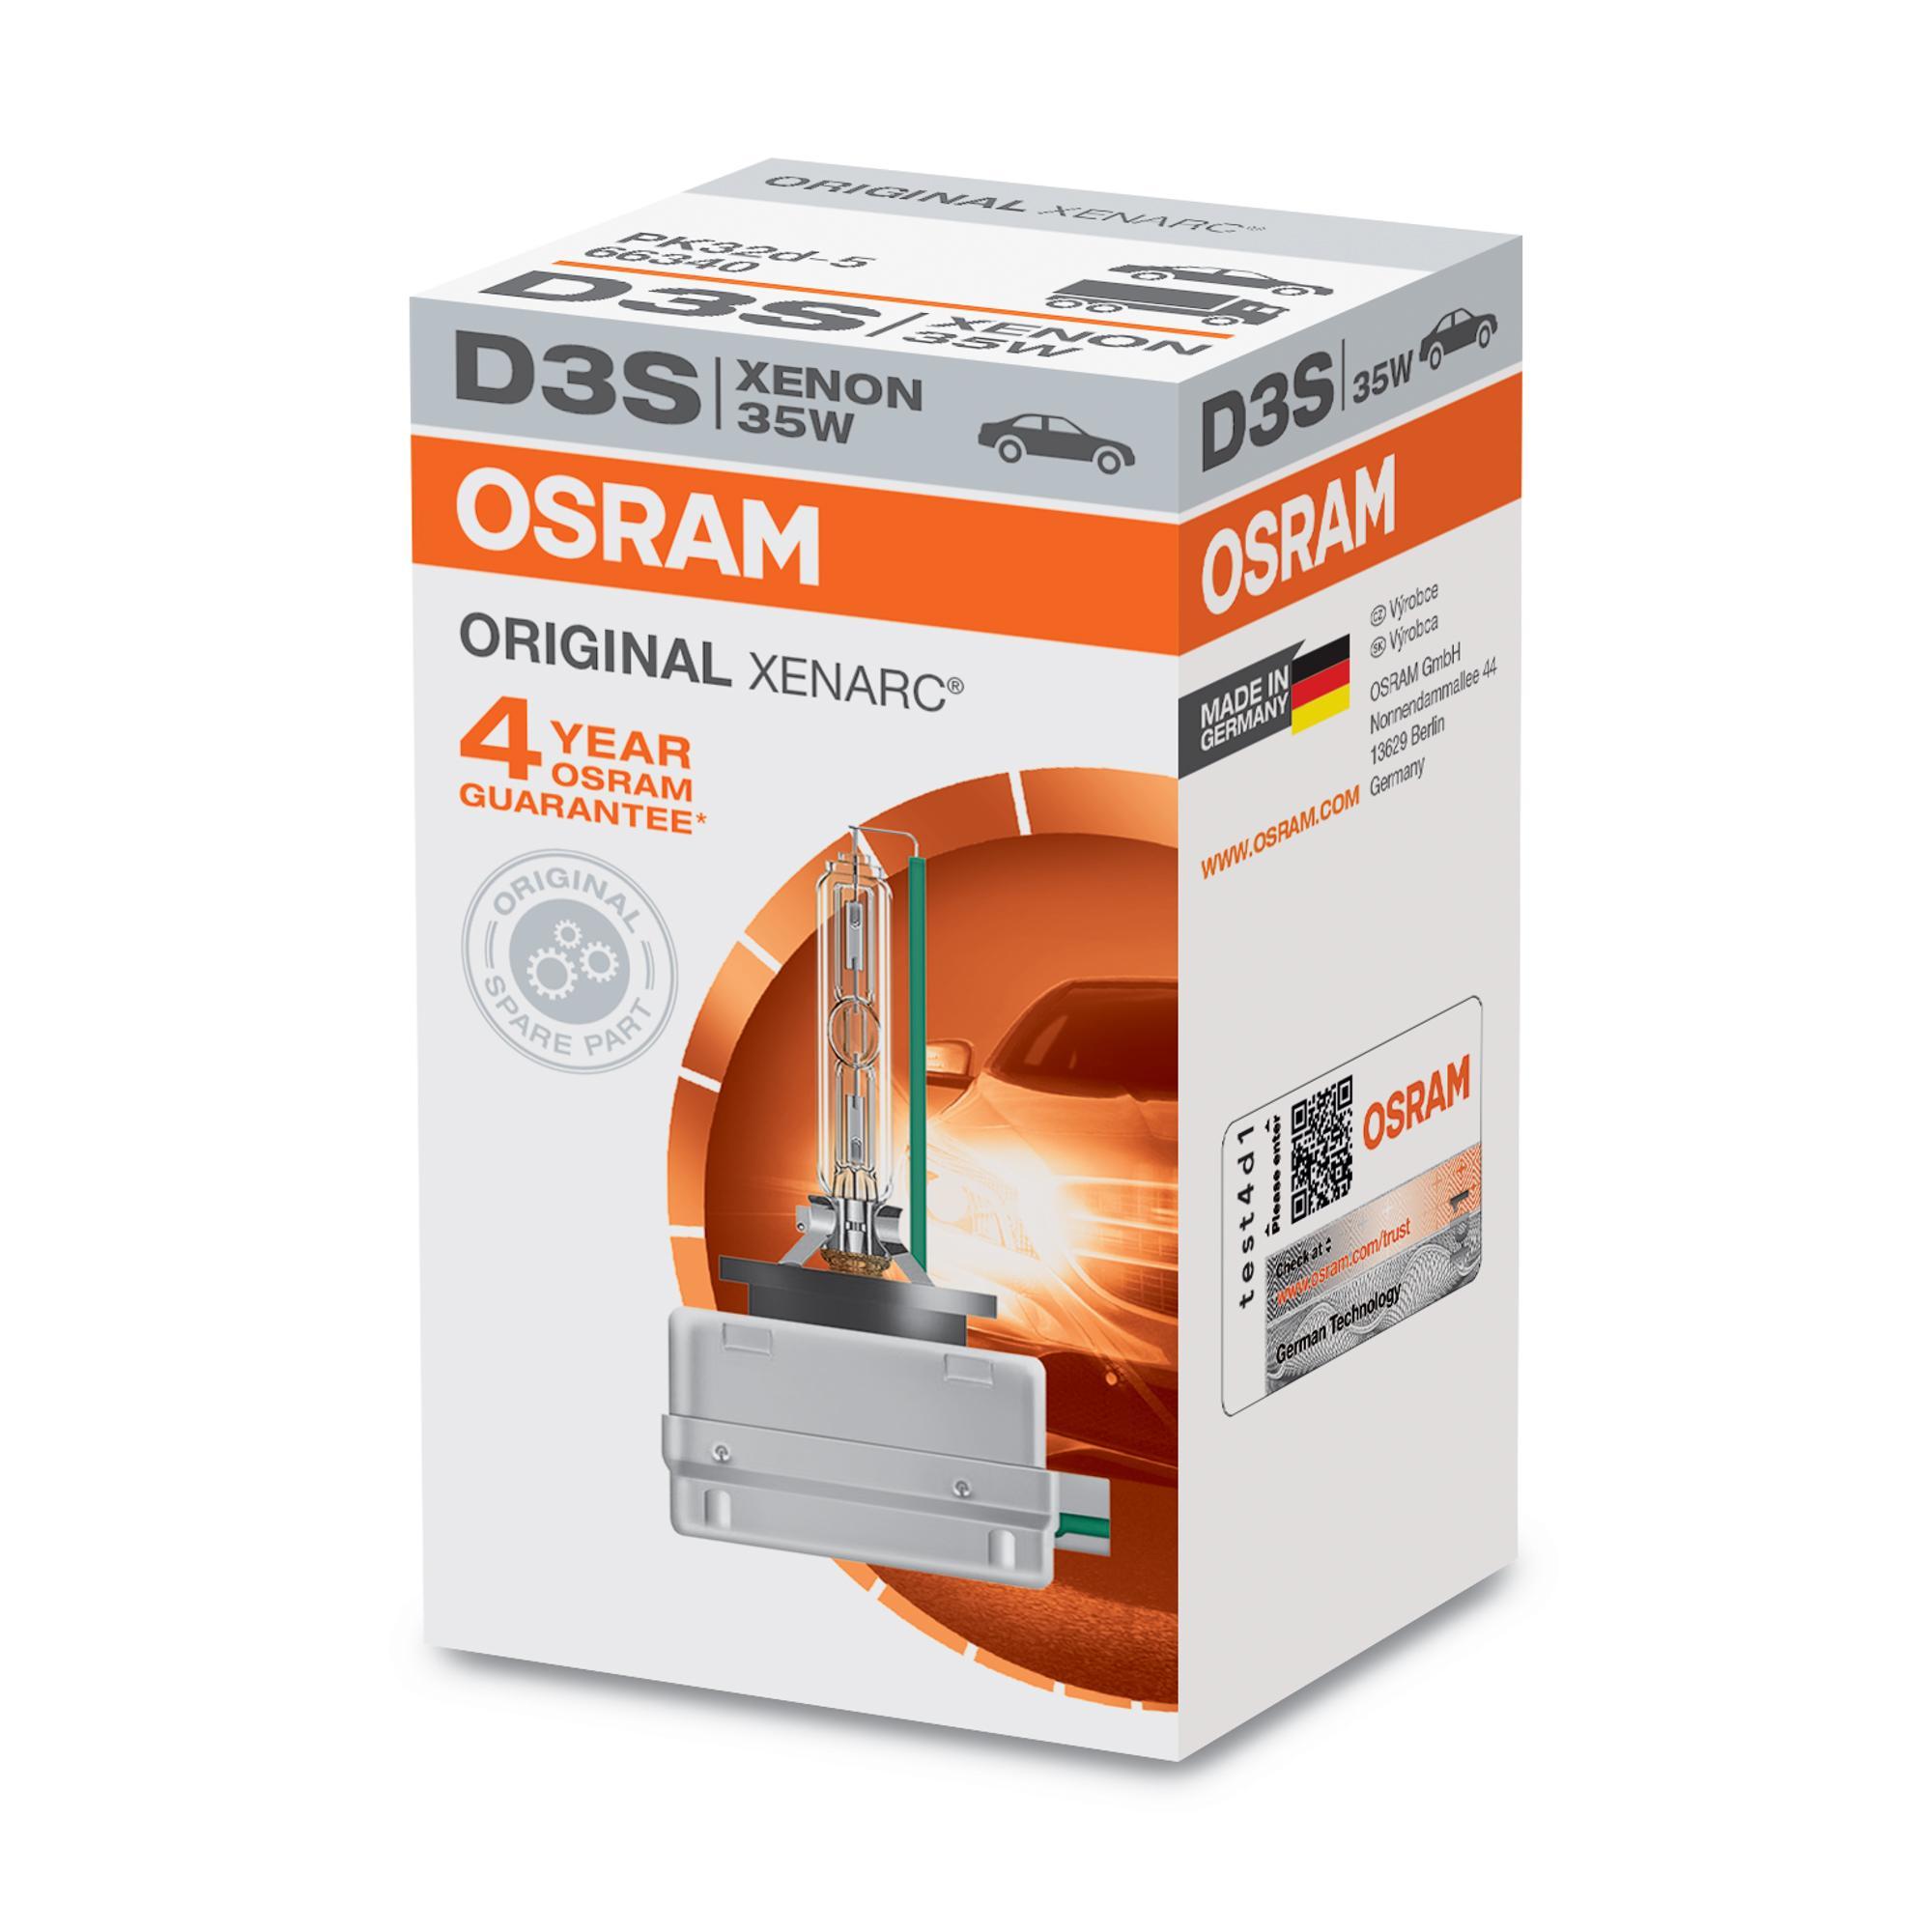 Ampoule, projecteur longue portée 66340 OSRAM D3S originales de qualité